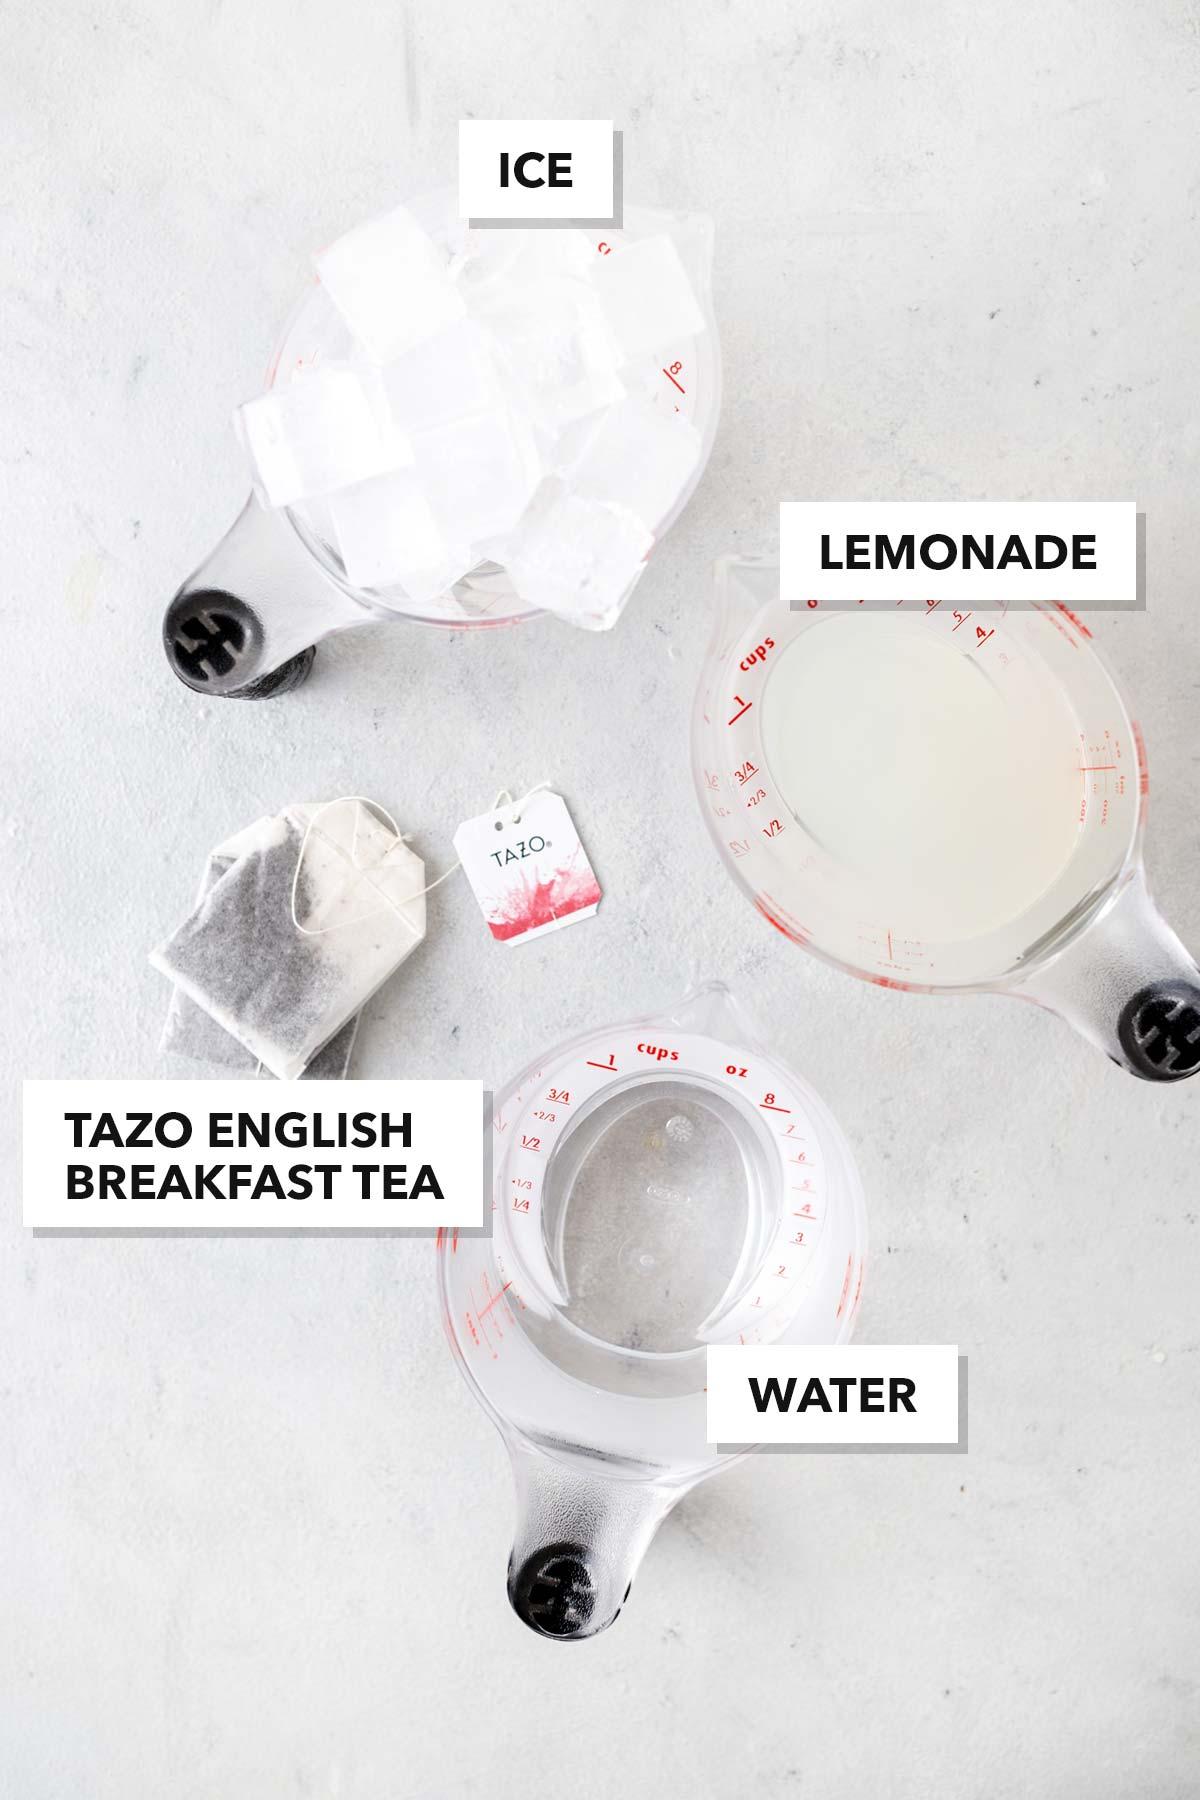 Iced black tea lemonade recipe ingredients.